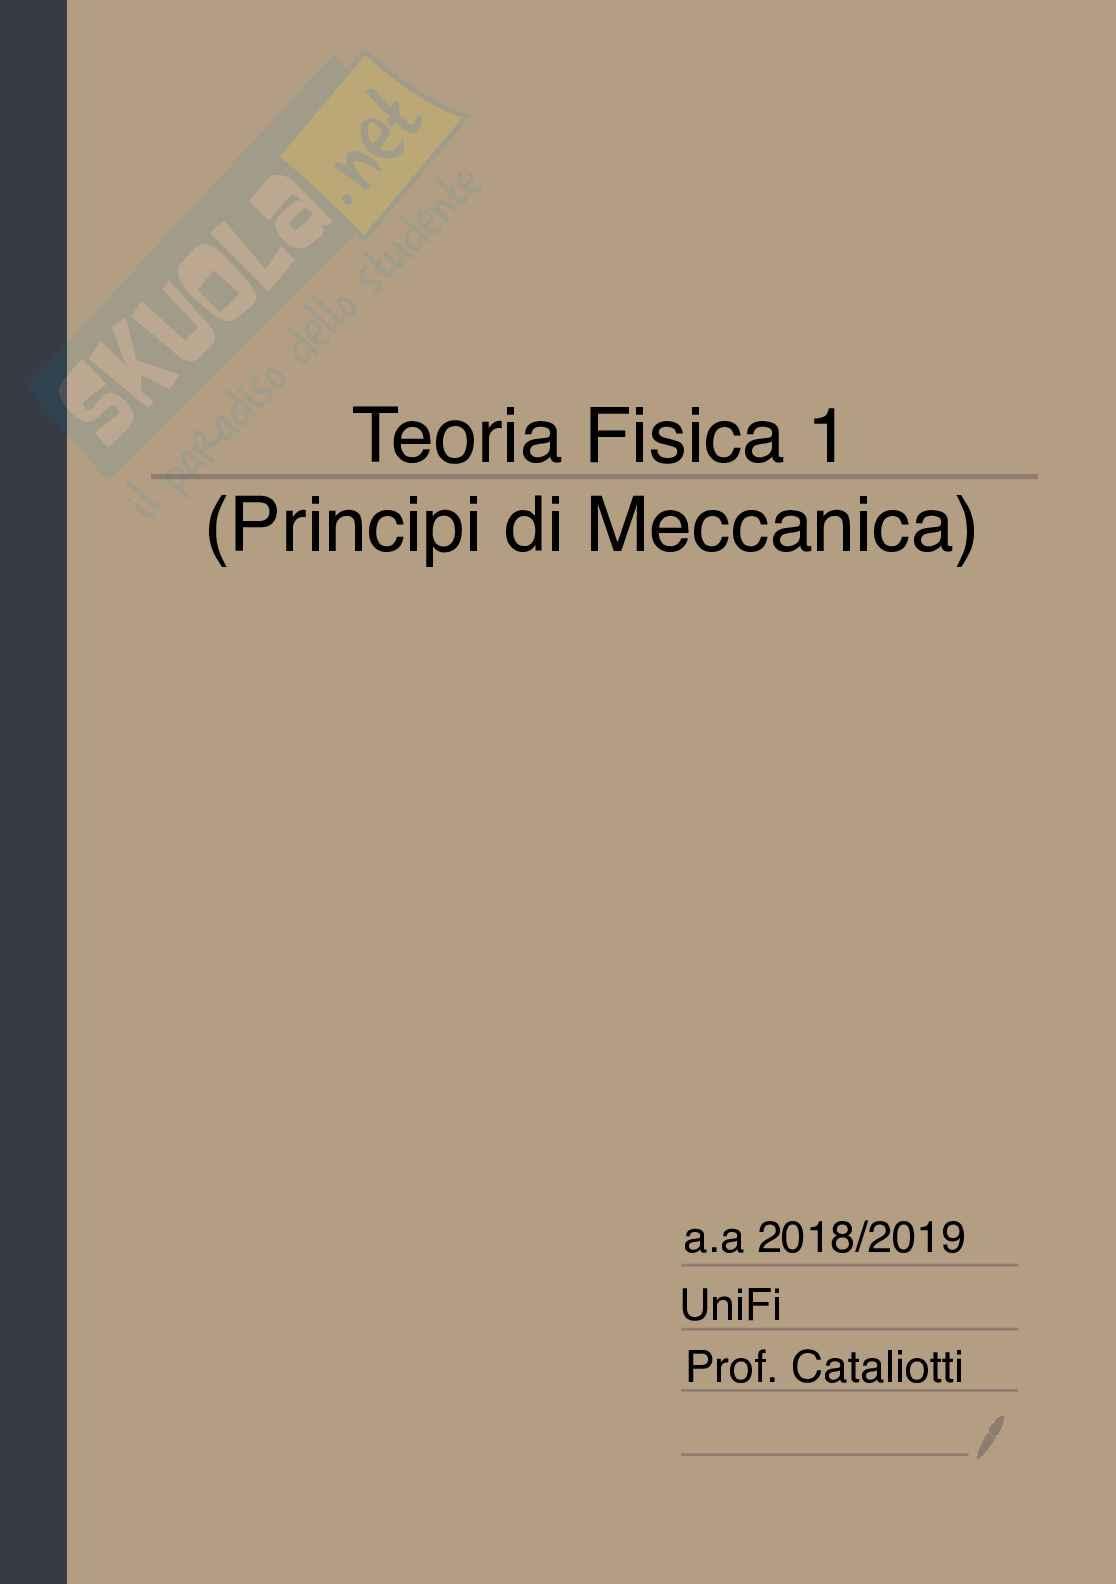 Appunti di Fisica 1 - Principi di Meccanica